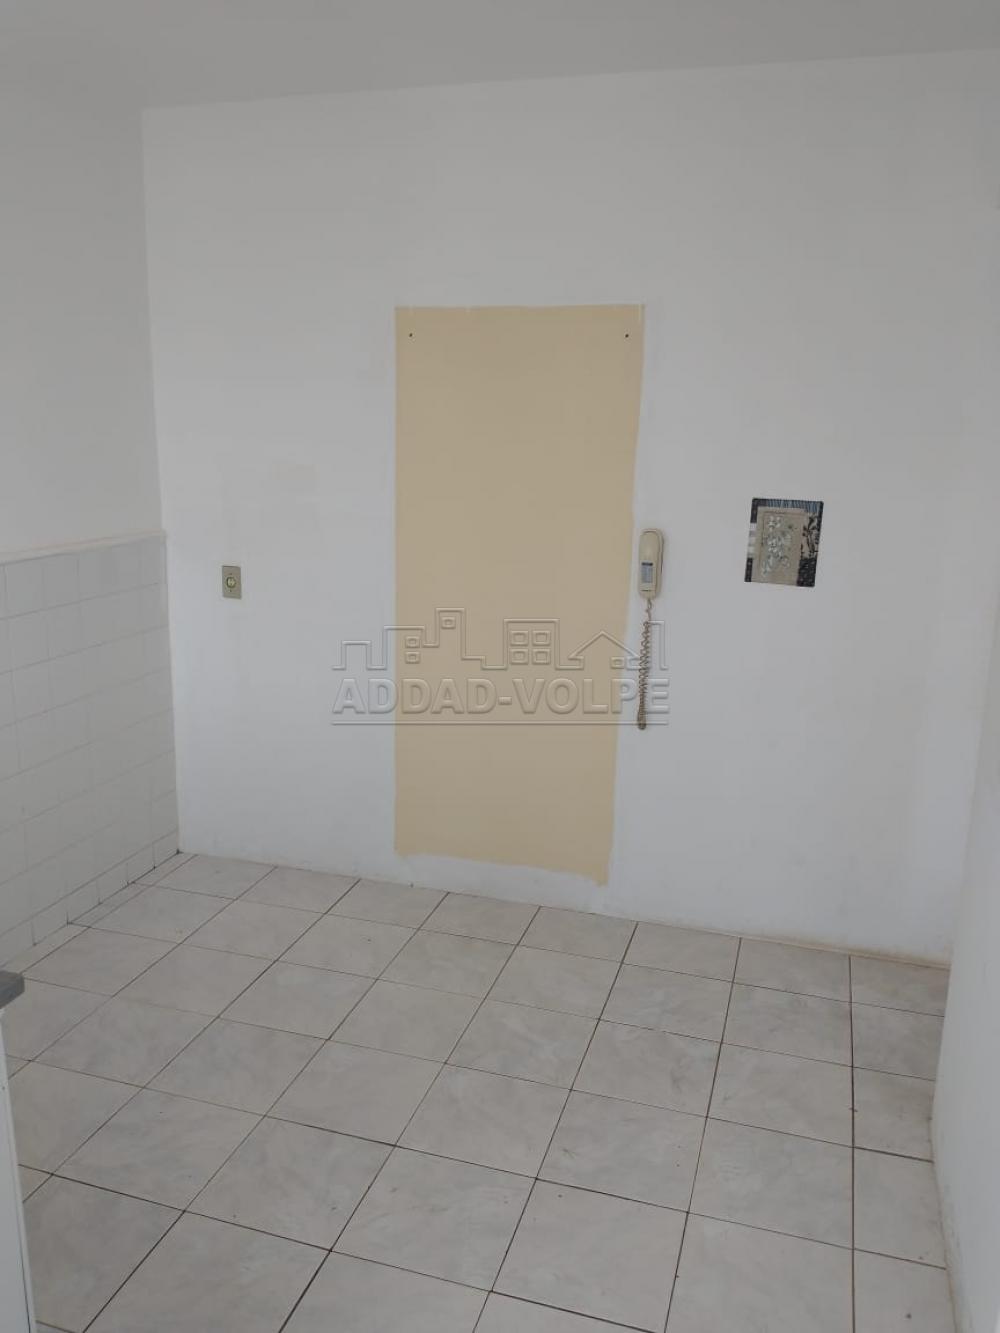 Comprar Apartamento / Padrão em Bauru apenas R$ 140.000,00 - Foto 1